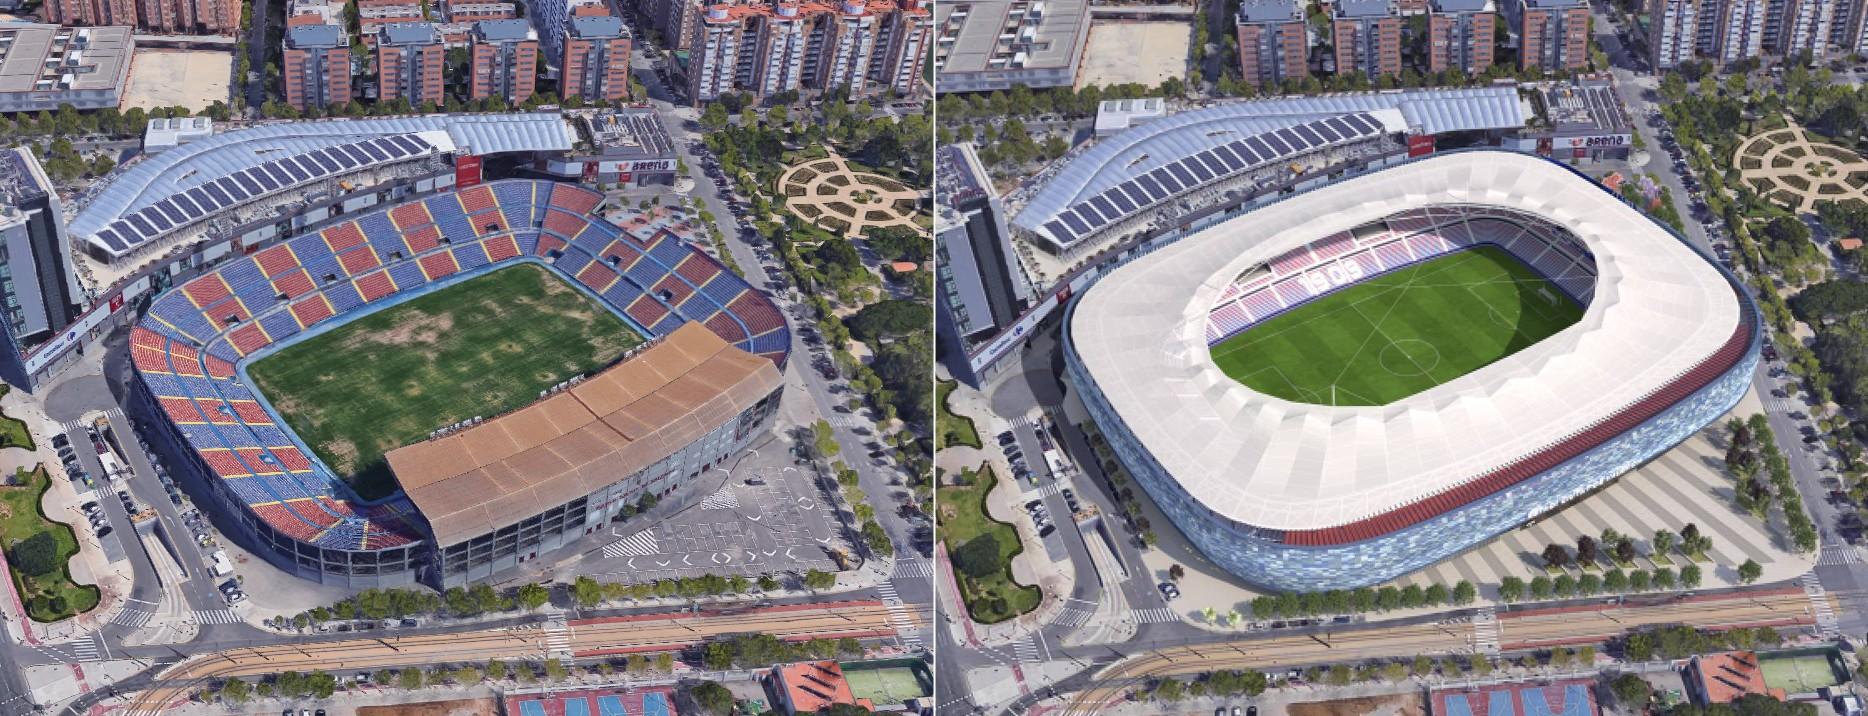 Estadi Ciutat de Valencia